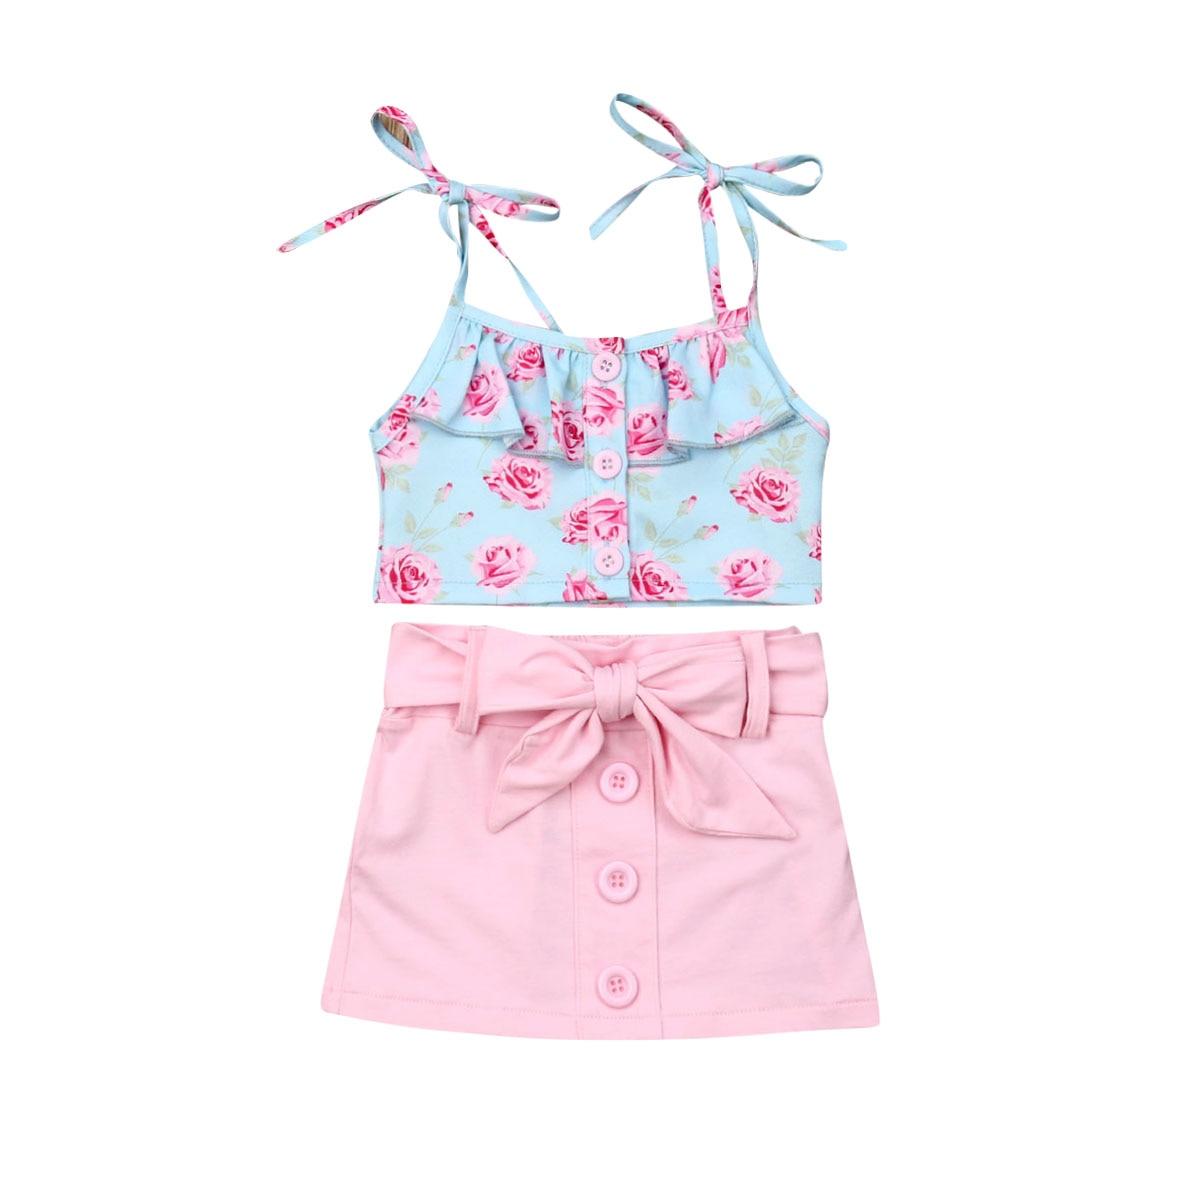 Футболка для маленьких девочек, топ без рукавов с цветочным рисунком + розовая юбка с бантом, летний комплект из 2 предметов, летний детский п...